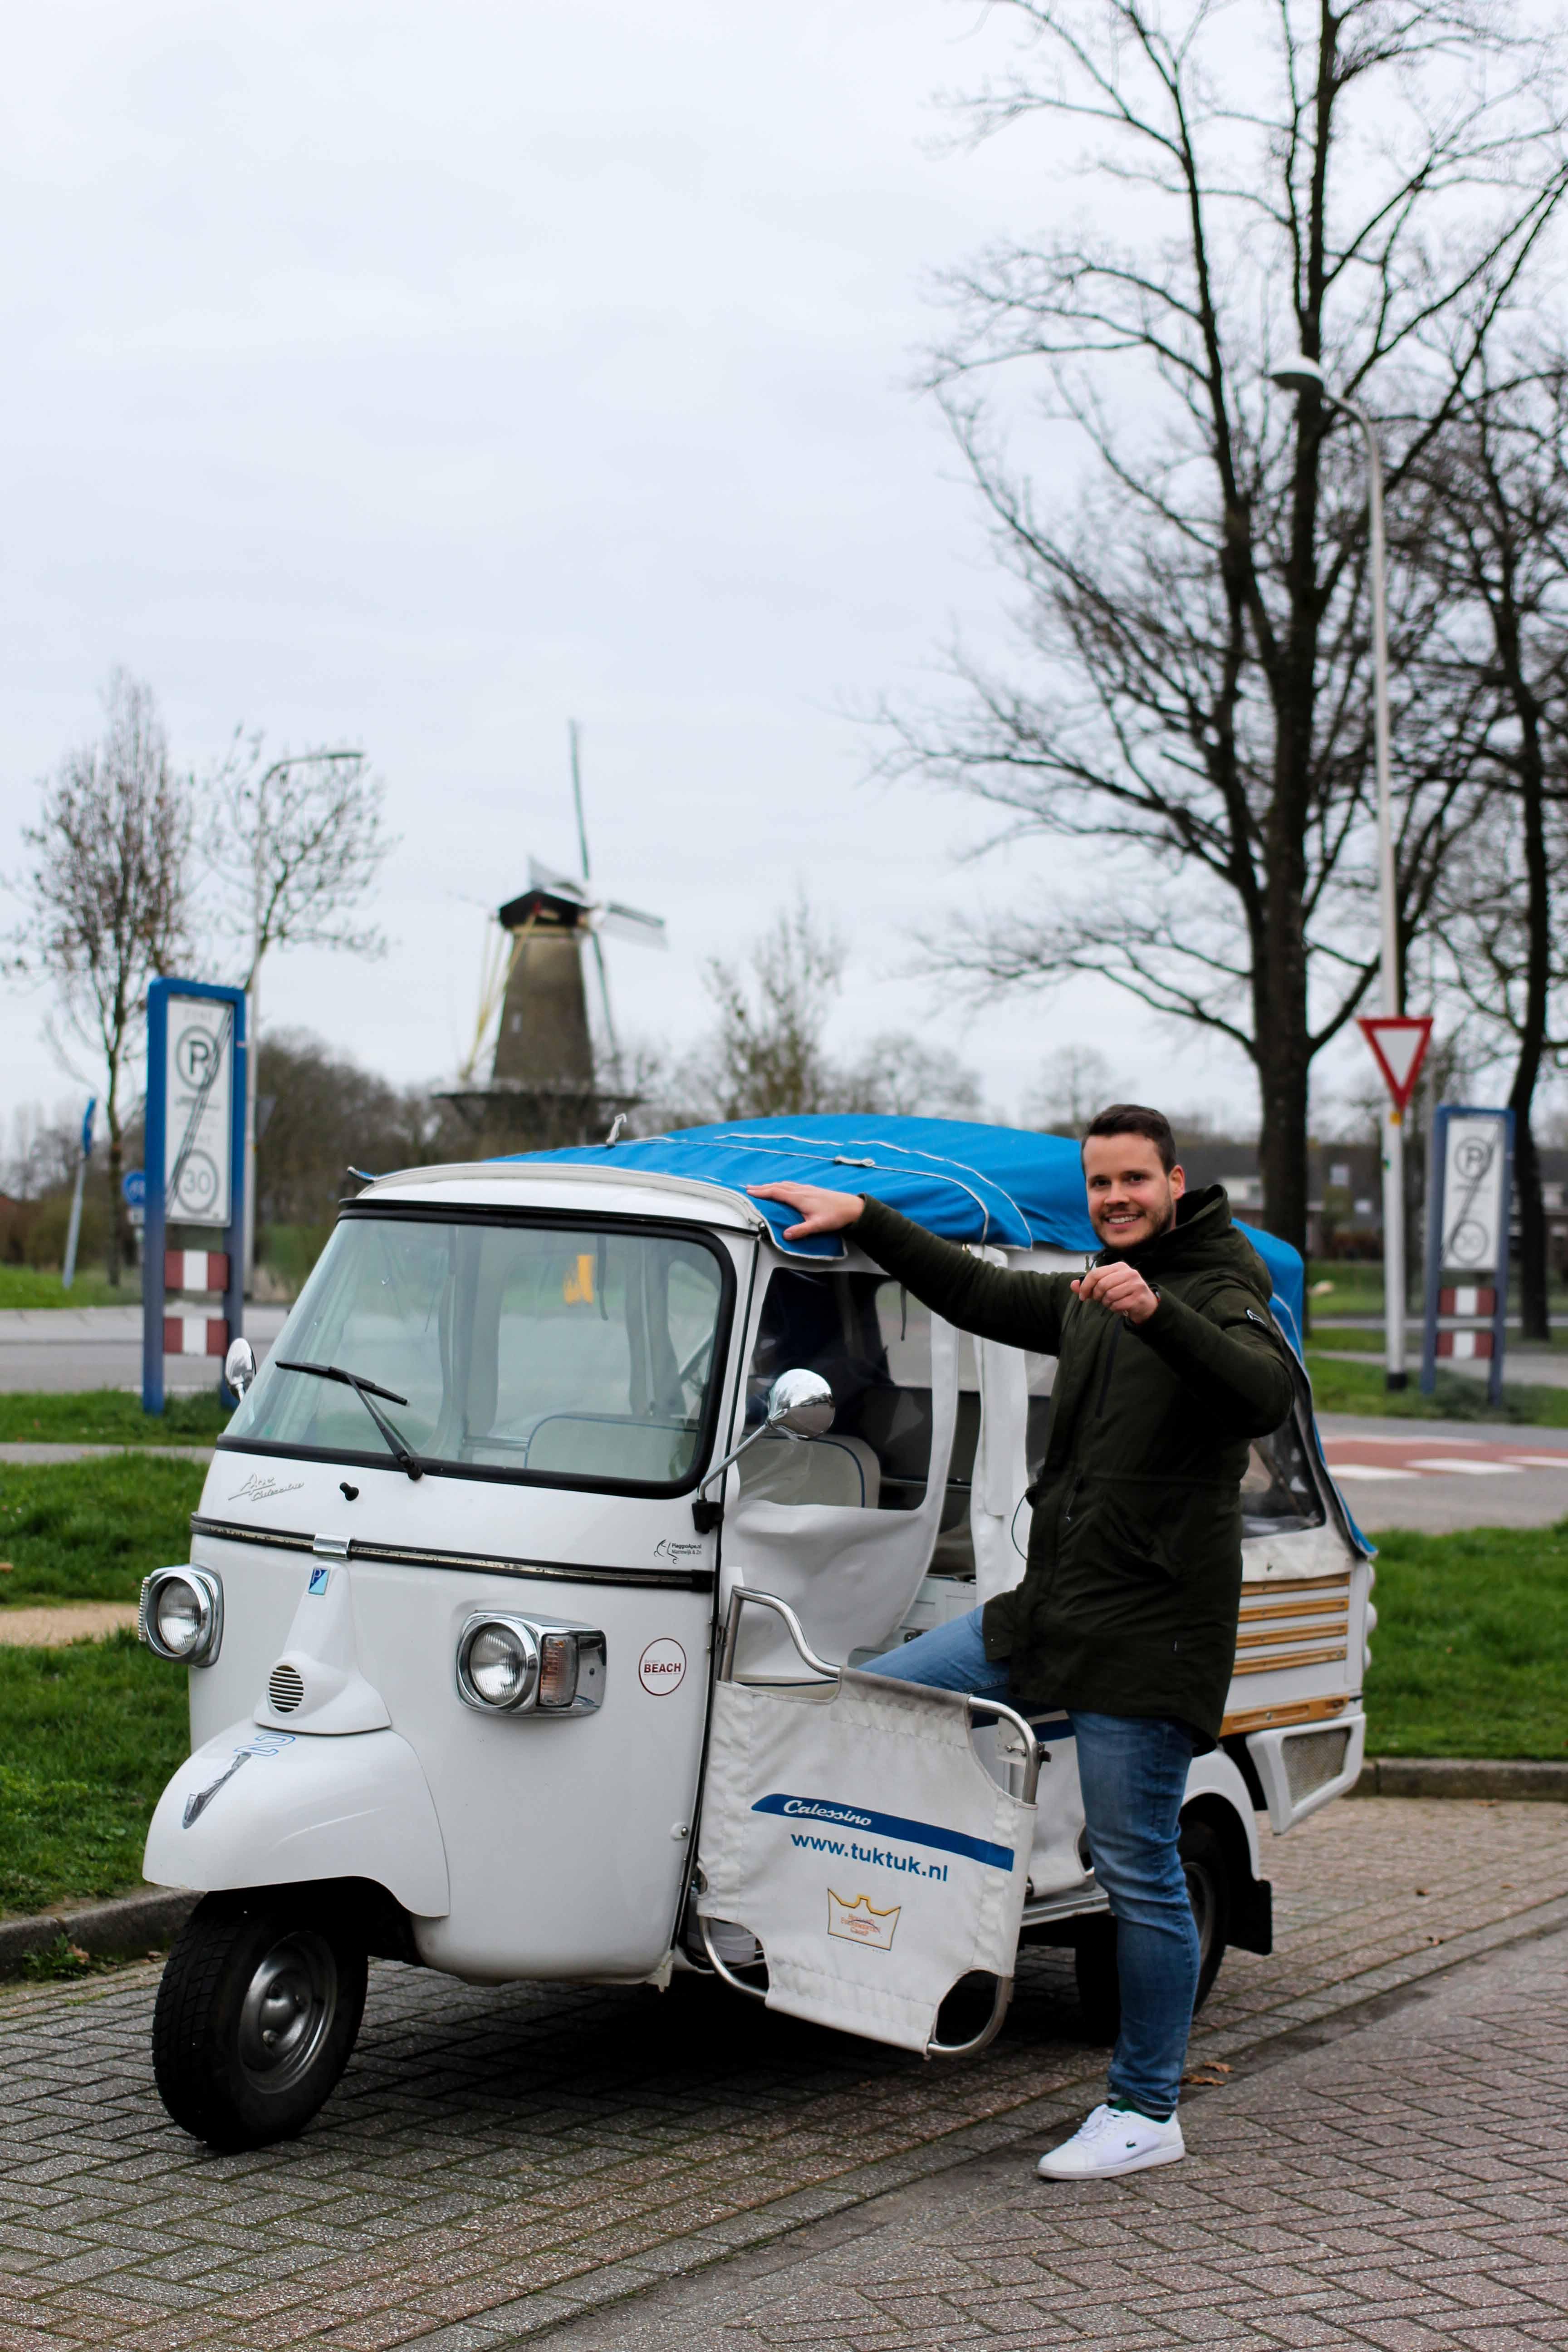 Wochenendtrip Holland Tuk Tuk fahren Holland Evenement Groep Tour Tuk Tuk Bingo das andere Holland Reiseblog Ausflug von Deutschland